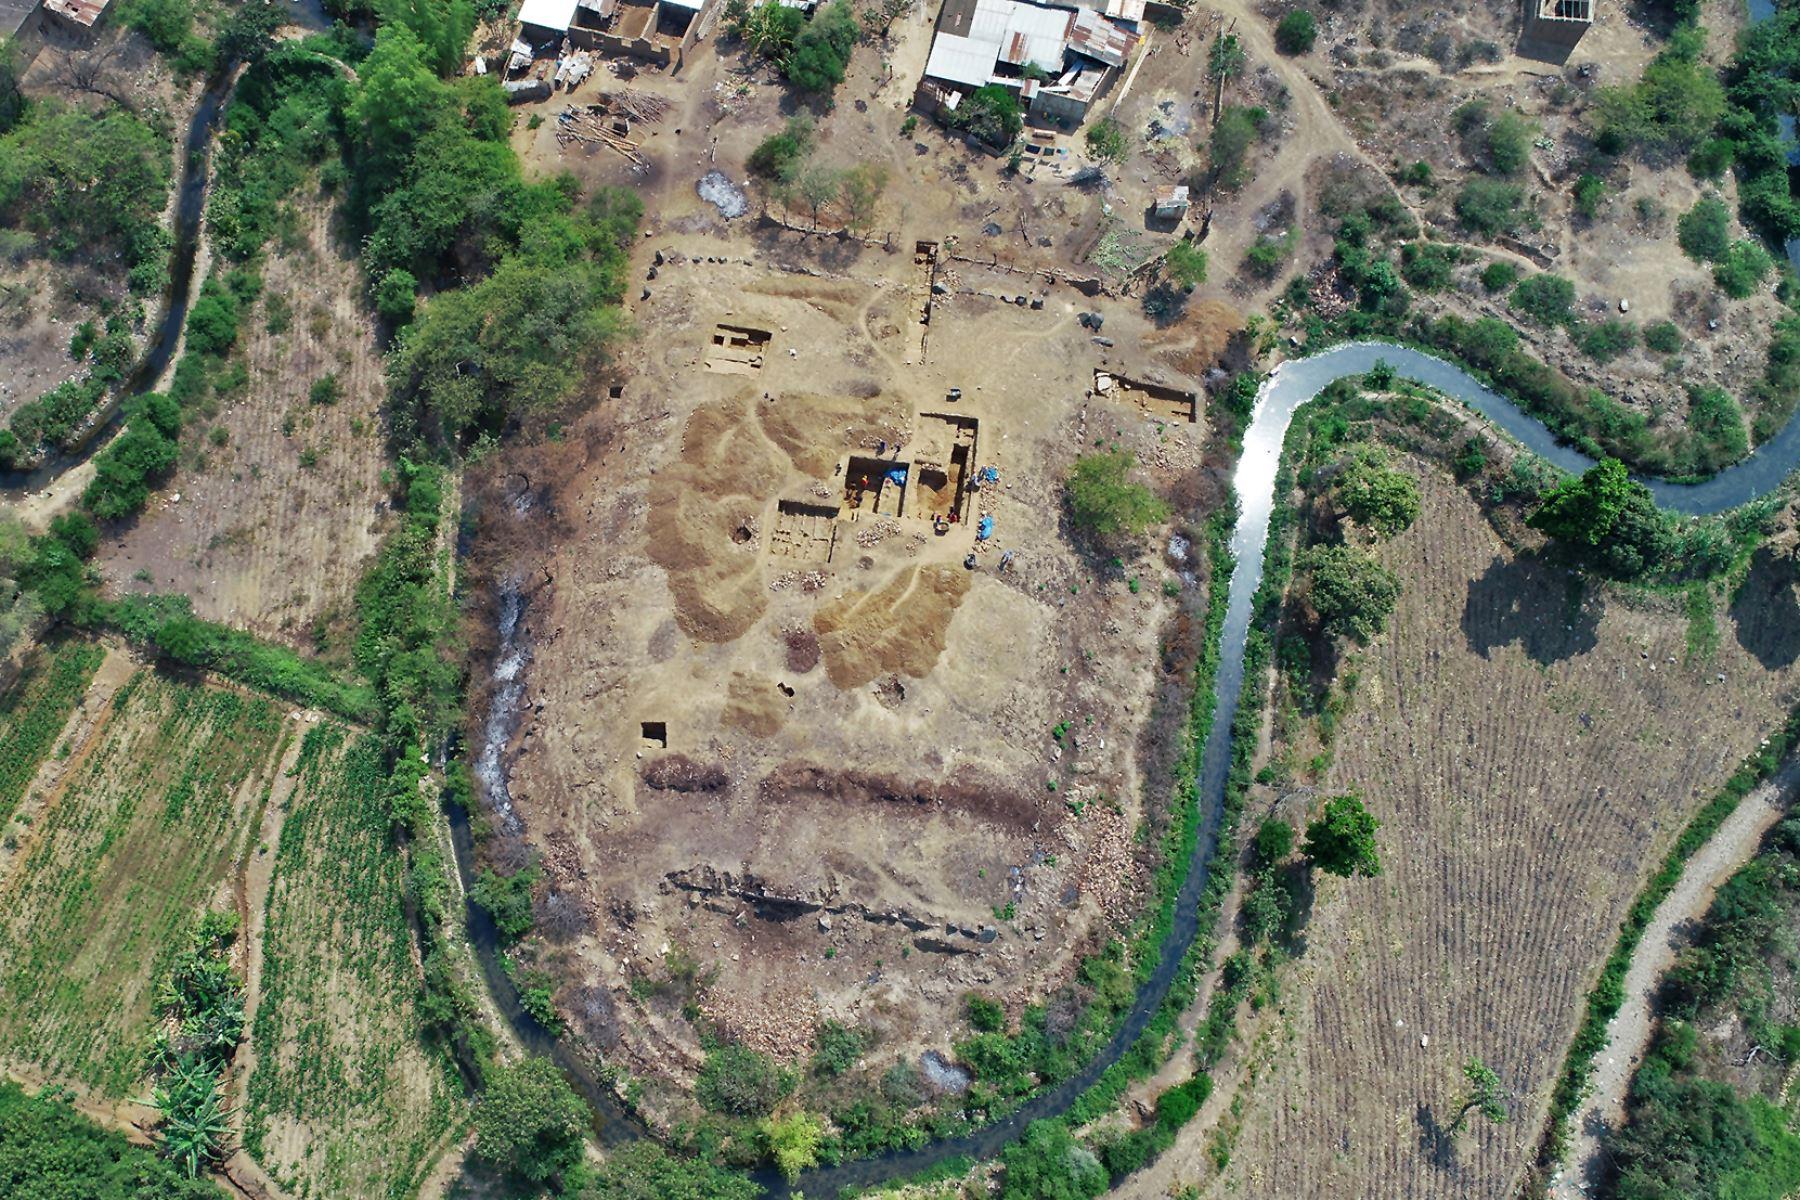 Vista aérea del sitio de excavación de El Toro, donde se descubrieron restos de un templo megalítico de 3.000 años de antigüedad, en Oyotun, provincia de Chiclayo, departamento de Labayeque, Perú. El templo supuestamente se utilizó para organizar rituales paganos de culto al agua en el antiguo Perú. Foto: AFP